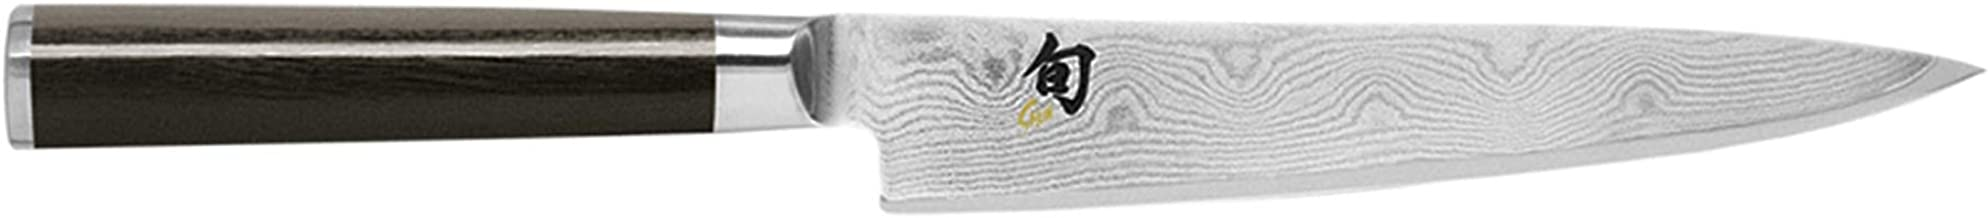 Kai Shun Classic Utility Kitchen Knife 15.2cm, Stainless Steel, DM0701